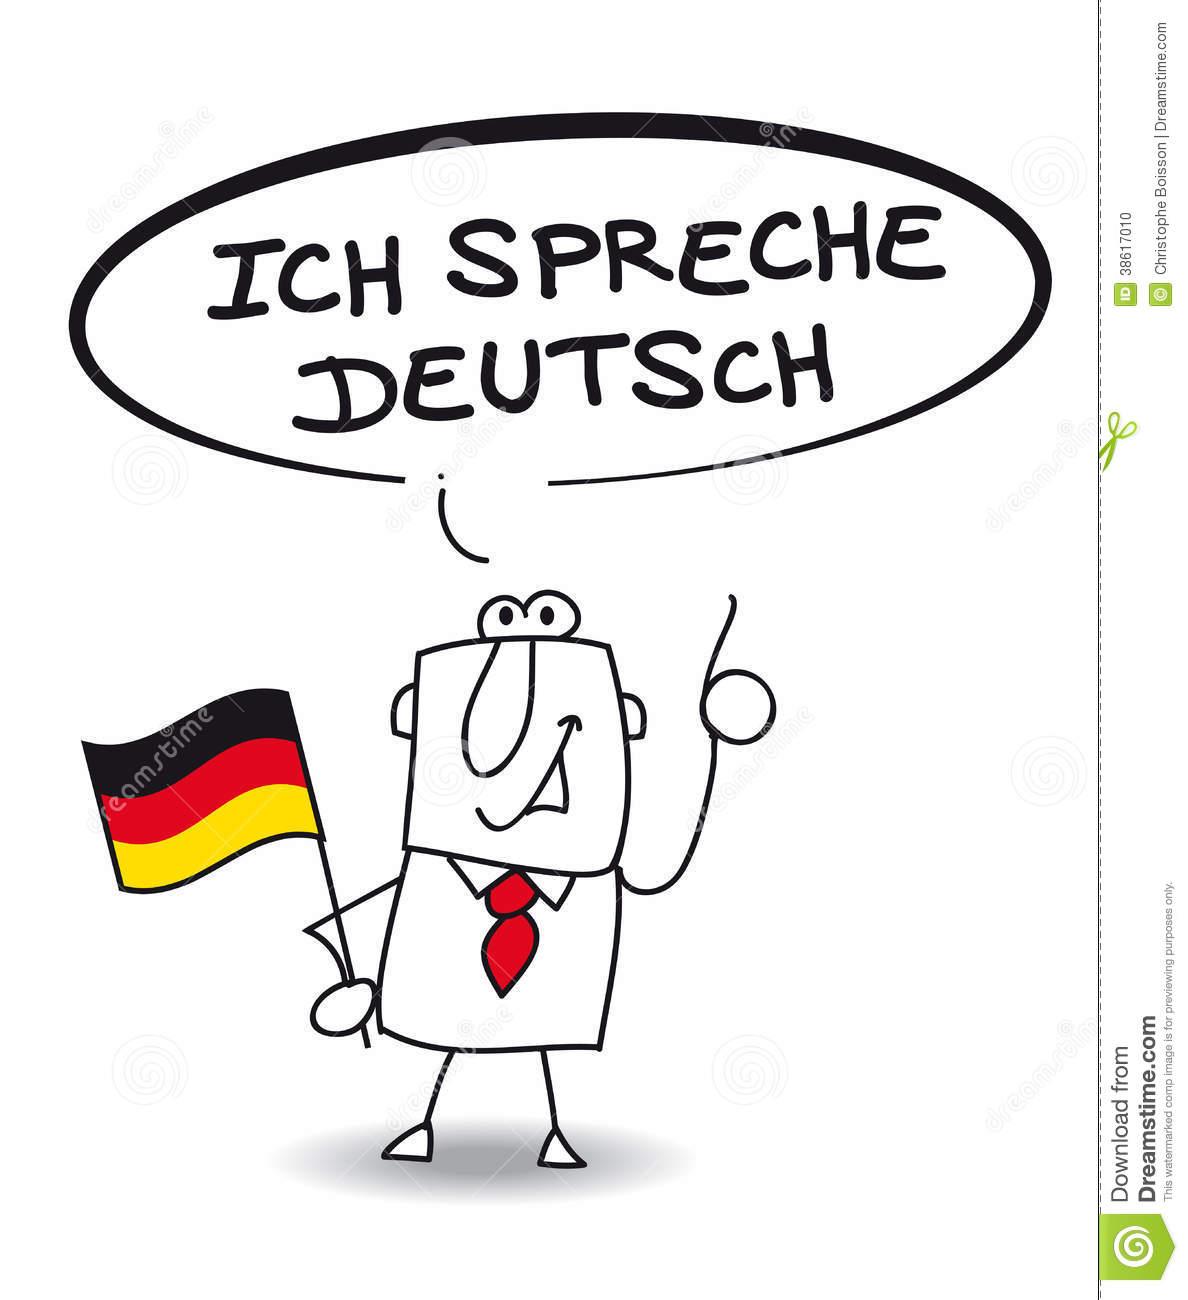 Sehr gut clipart clipart freeuse stock ich-spreche-sehr-gut-deutsch-businessman-speak-fluently-german ... clipart freeuse stock